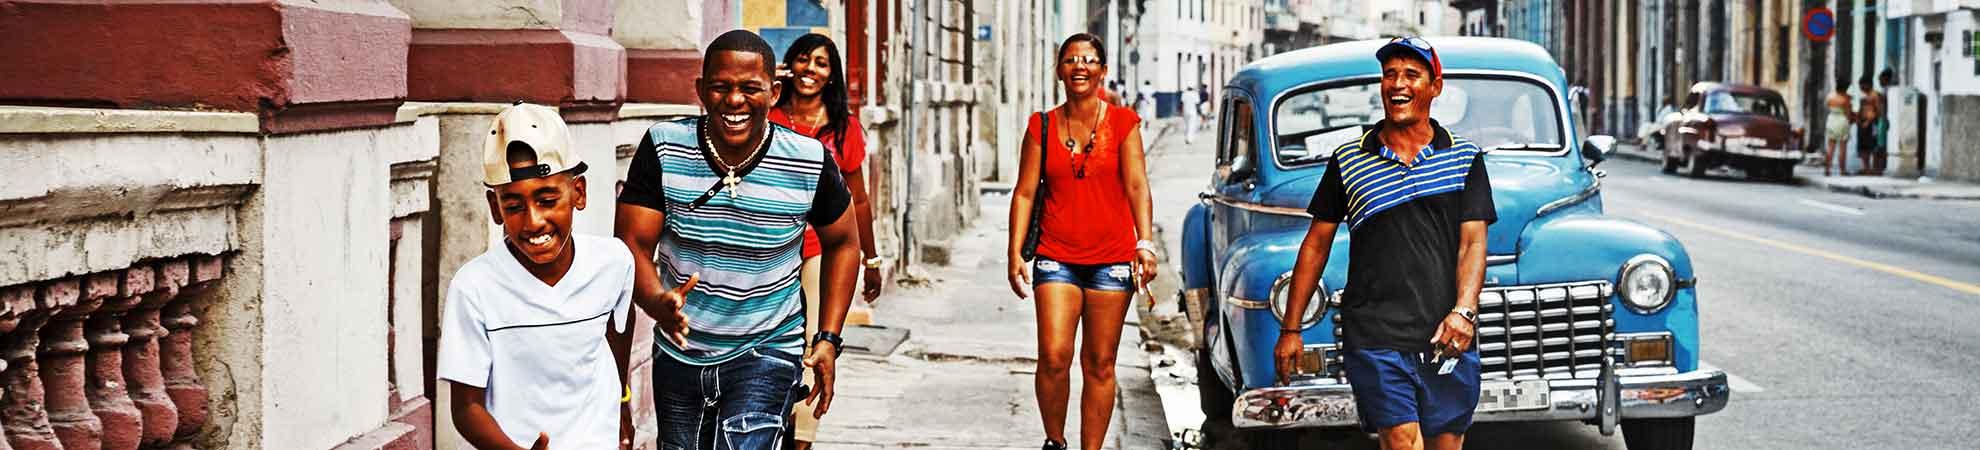 Langue parlée à Cuba - Se faire comprendre dans le pays